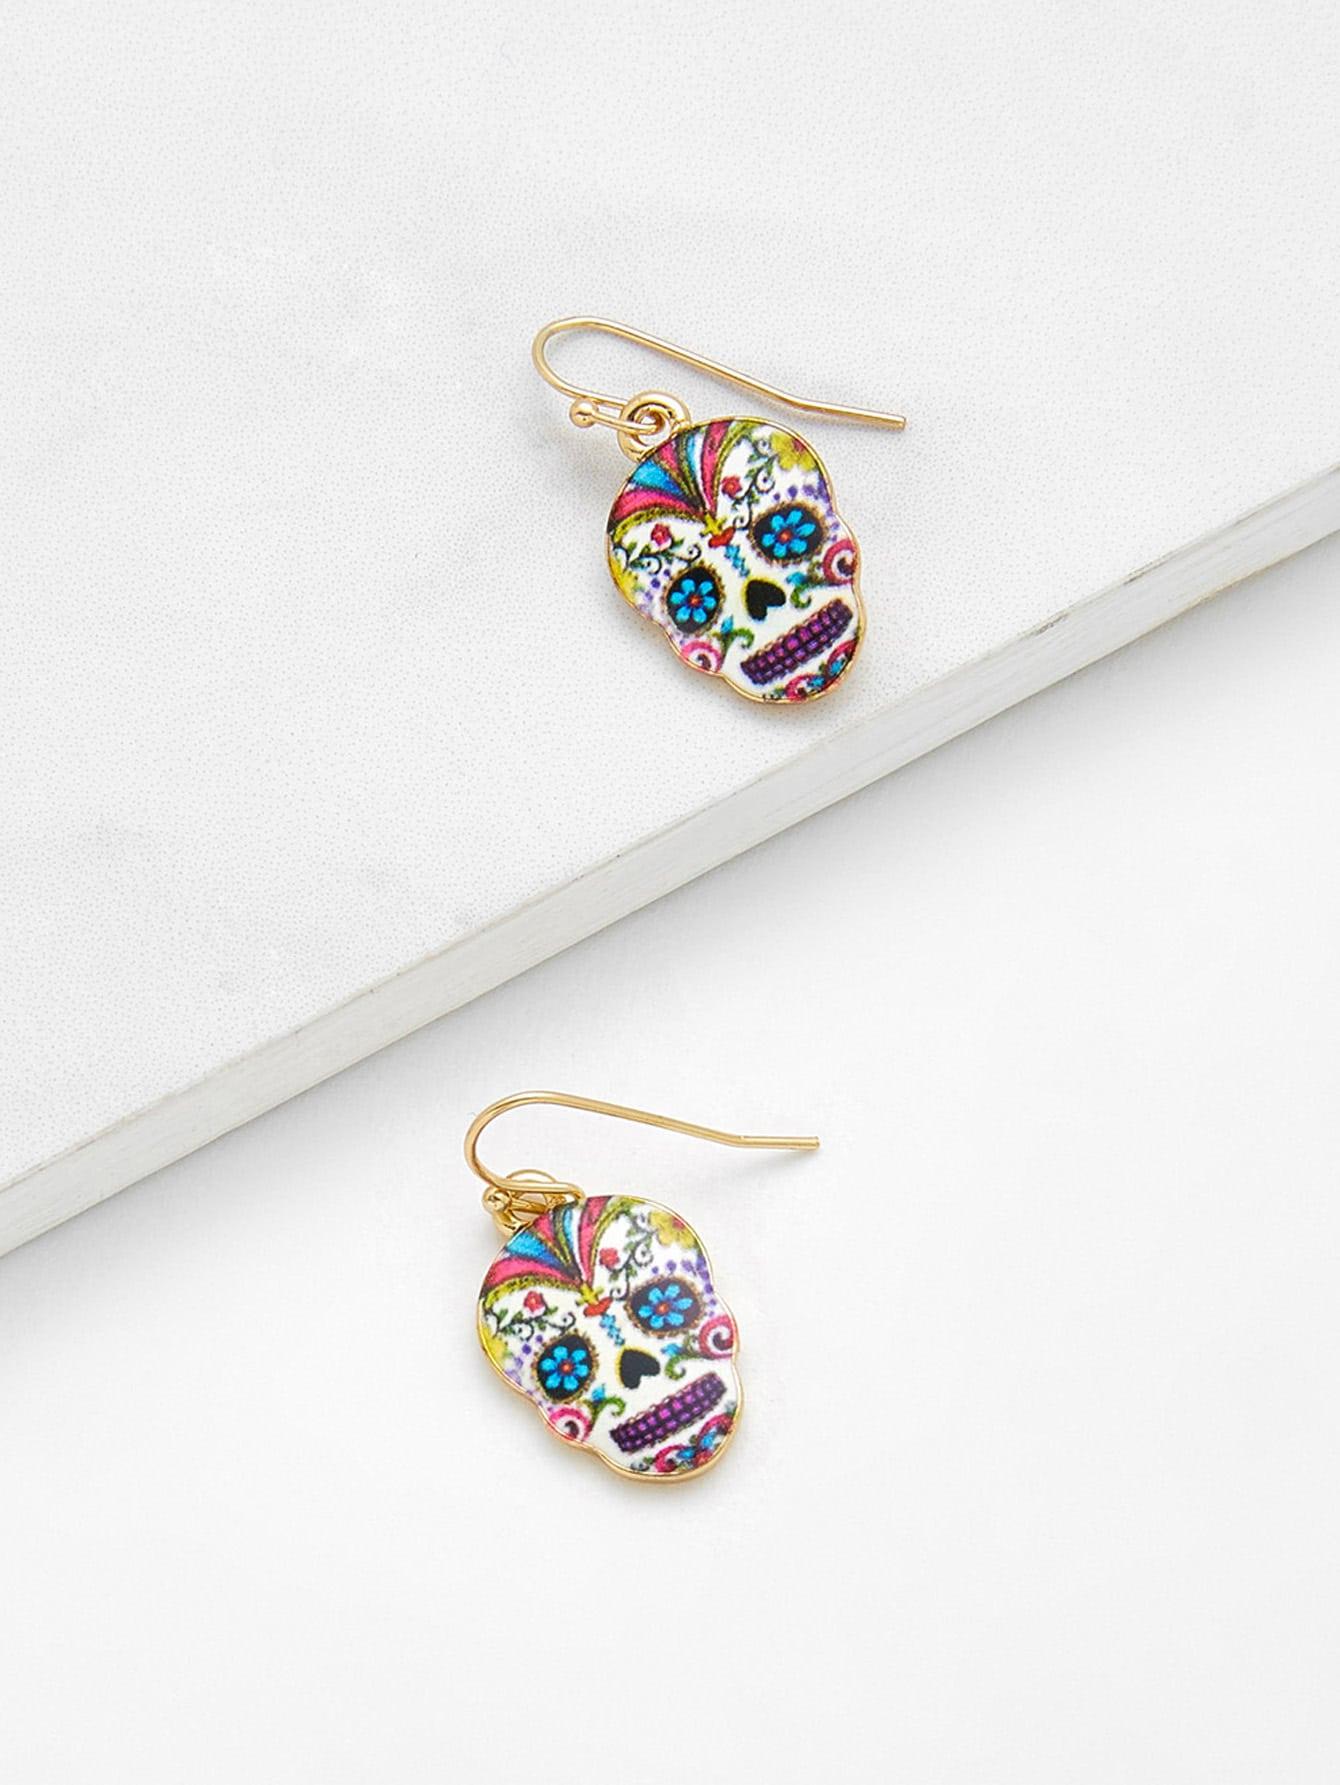 Skeleton Design Drop Earrings two tone face design drop earrings